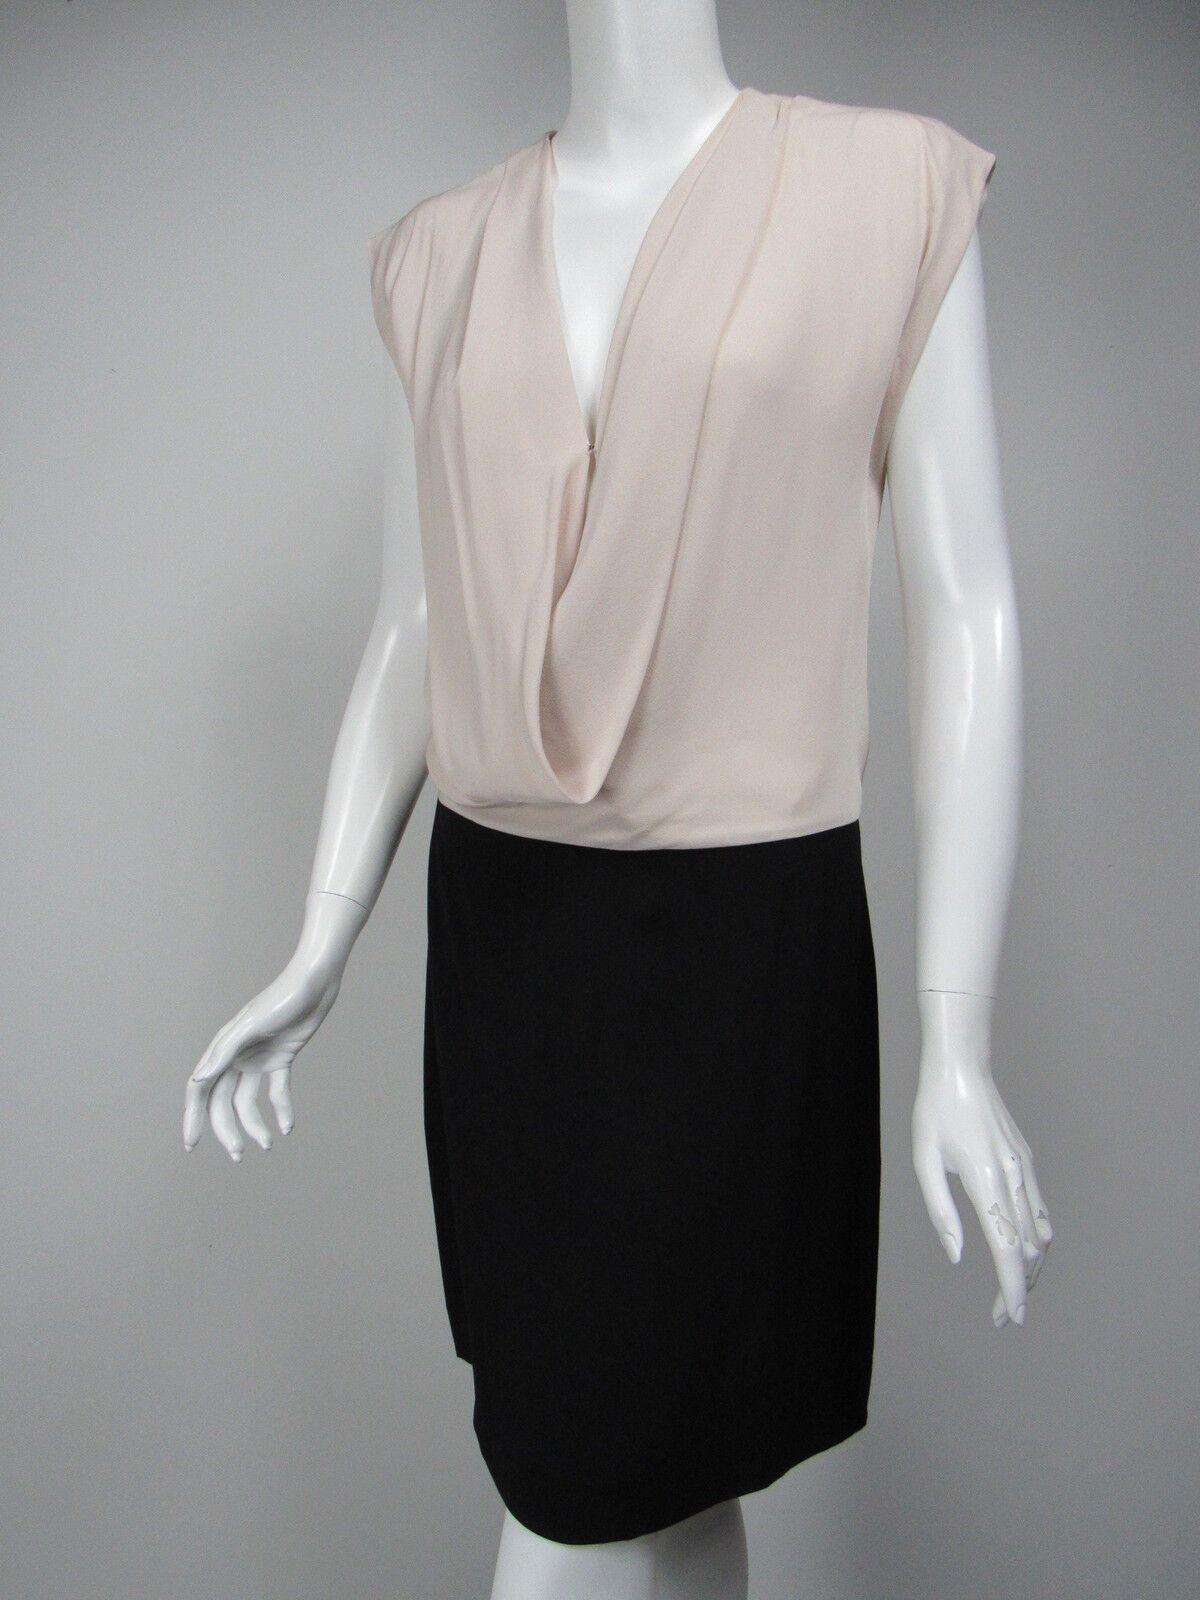 DIANE VON FURSTENBERG Reara Nude schwarz Silk Crepe Plunging Cowl Dress sz 4